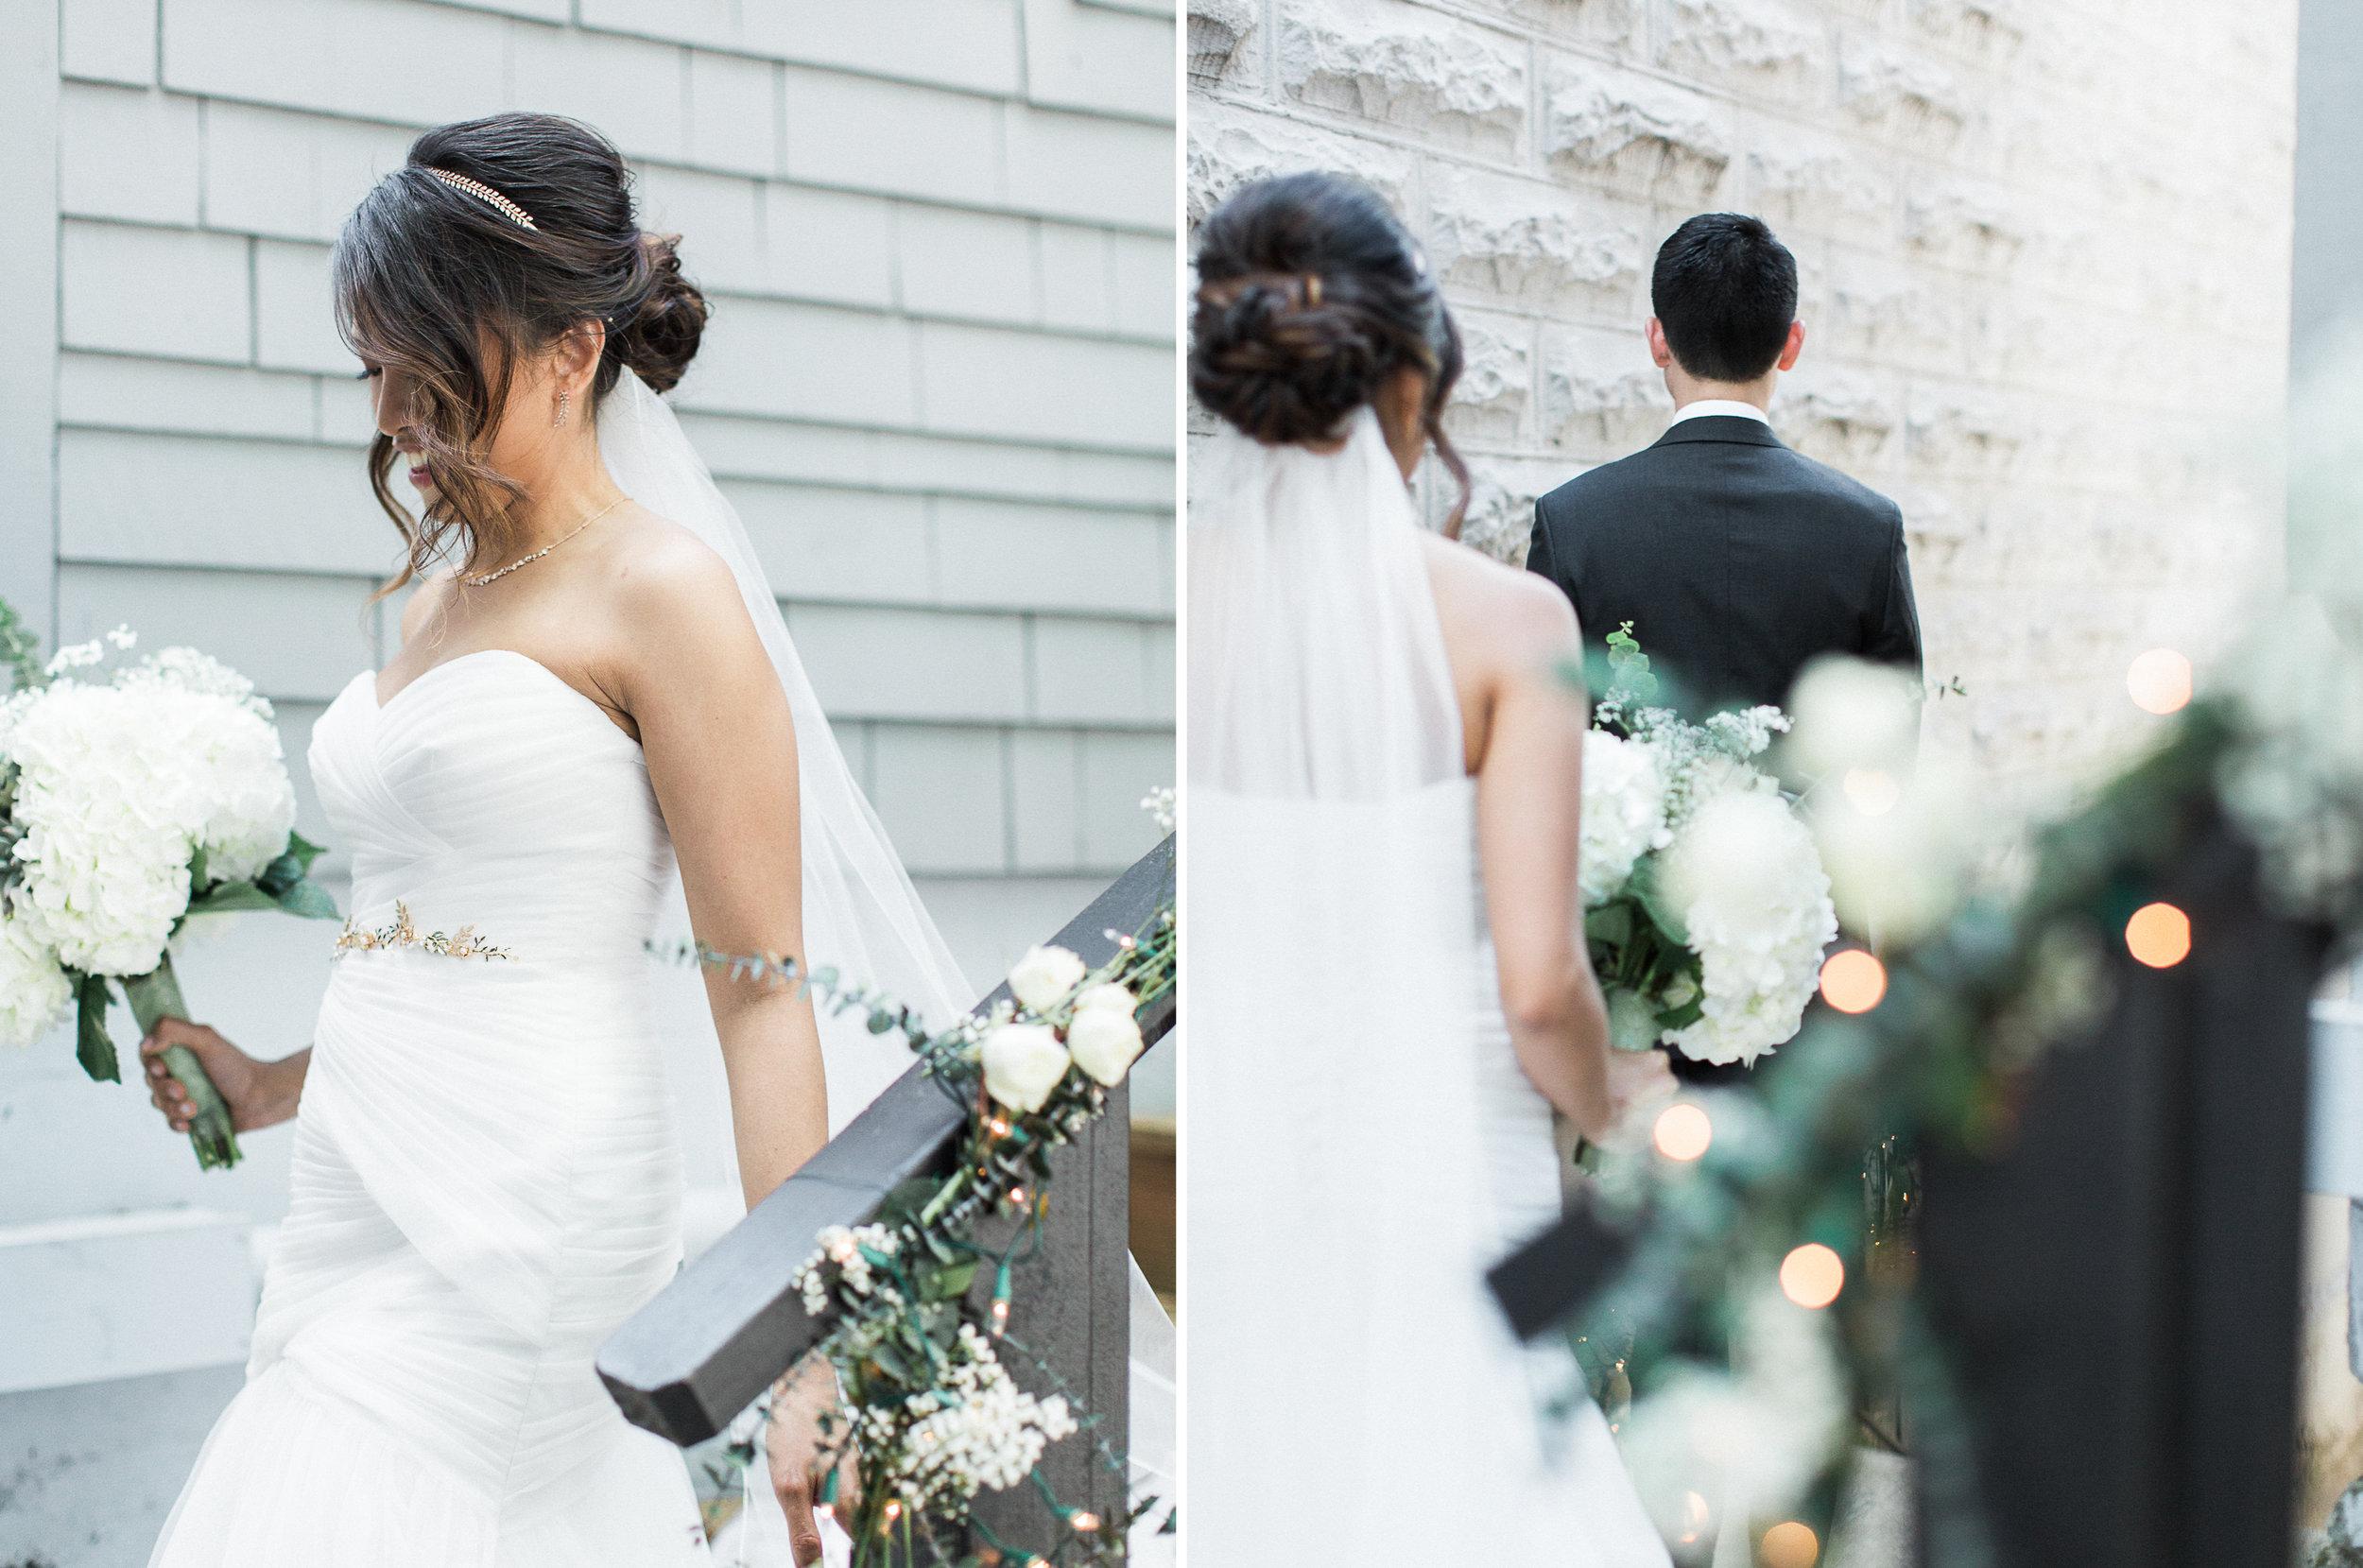 opal-28-urban-portland-greenery-wedding-5.jpg